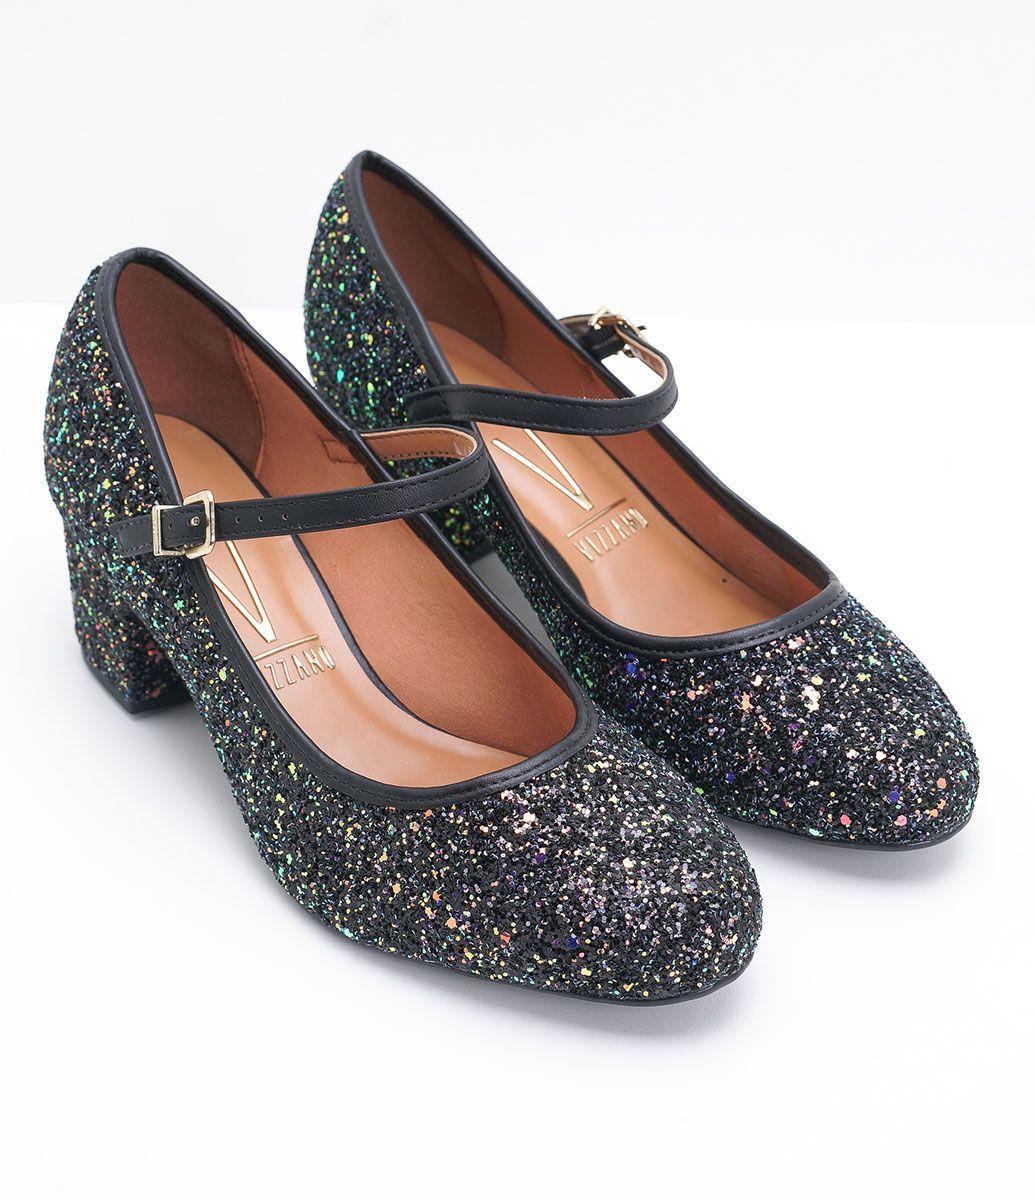 90fa71614f Sapato feminino Modelo  boneca Com glitter Fechamento com fivela Material   sintético Veja outras opções